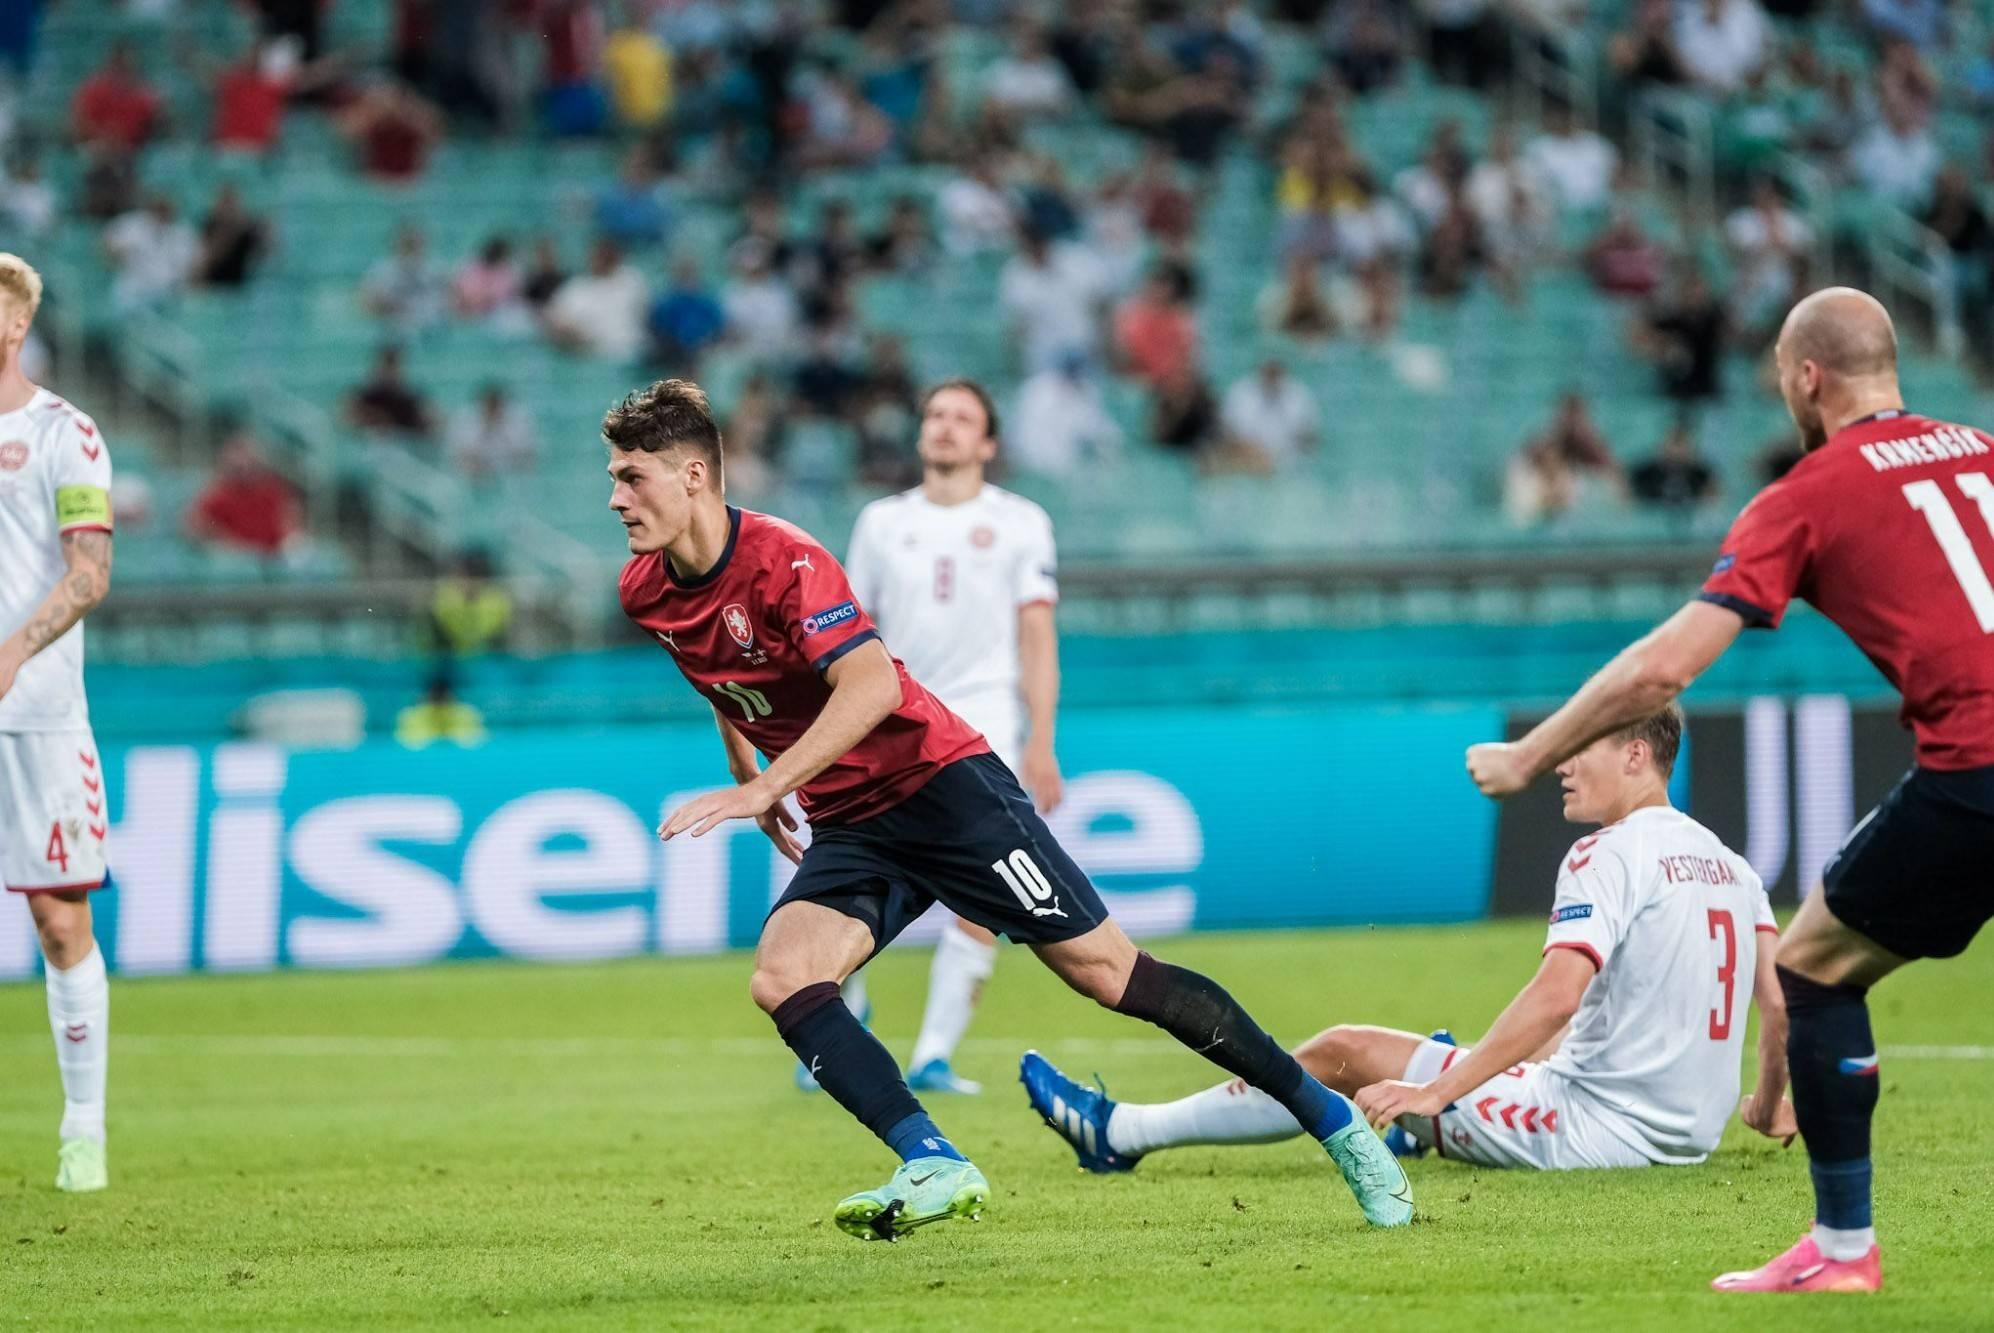 希克收获本届欧洲杯第5球,排在捷克国家队史第3